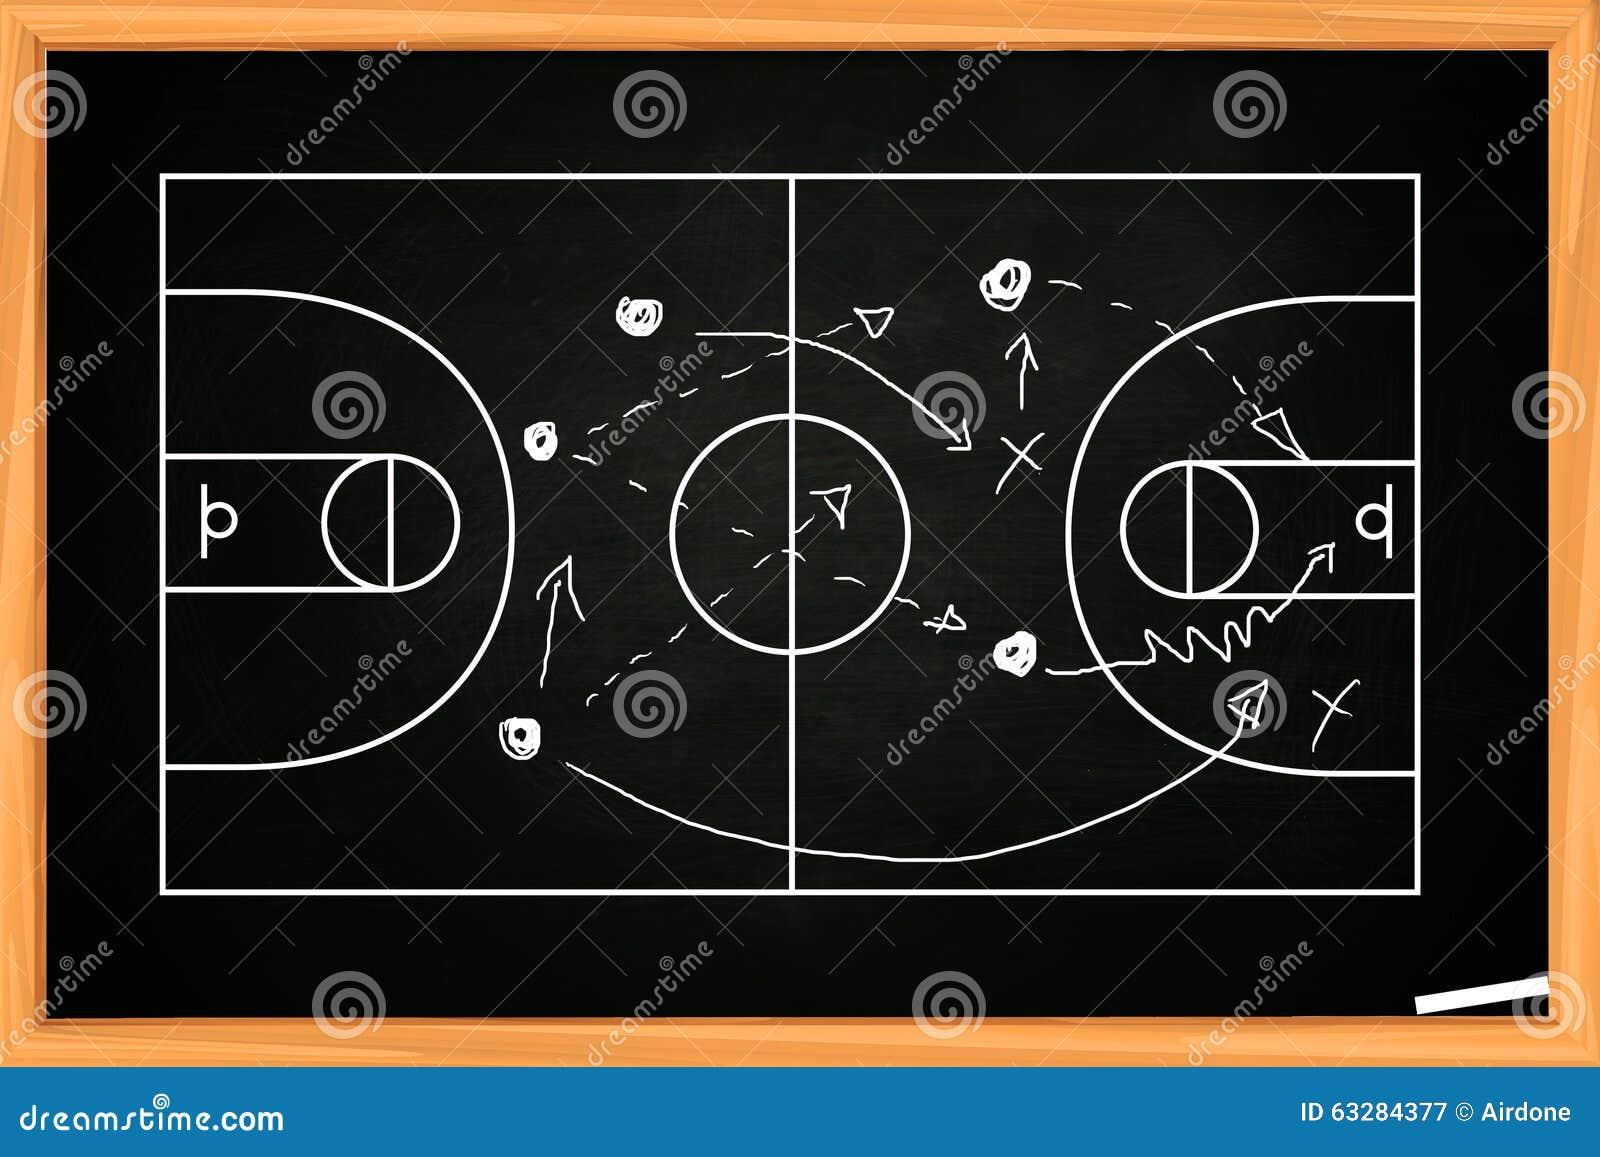 Estrategia Del Juego De Baloncesto Imagen de archivo - Imagen de ...